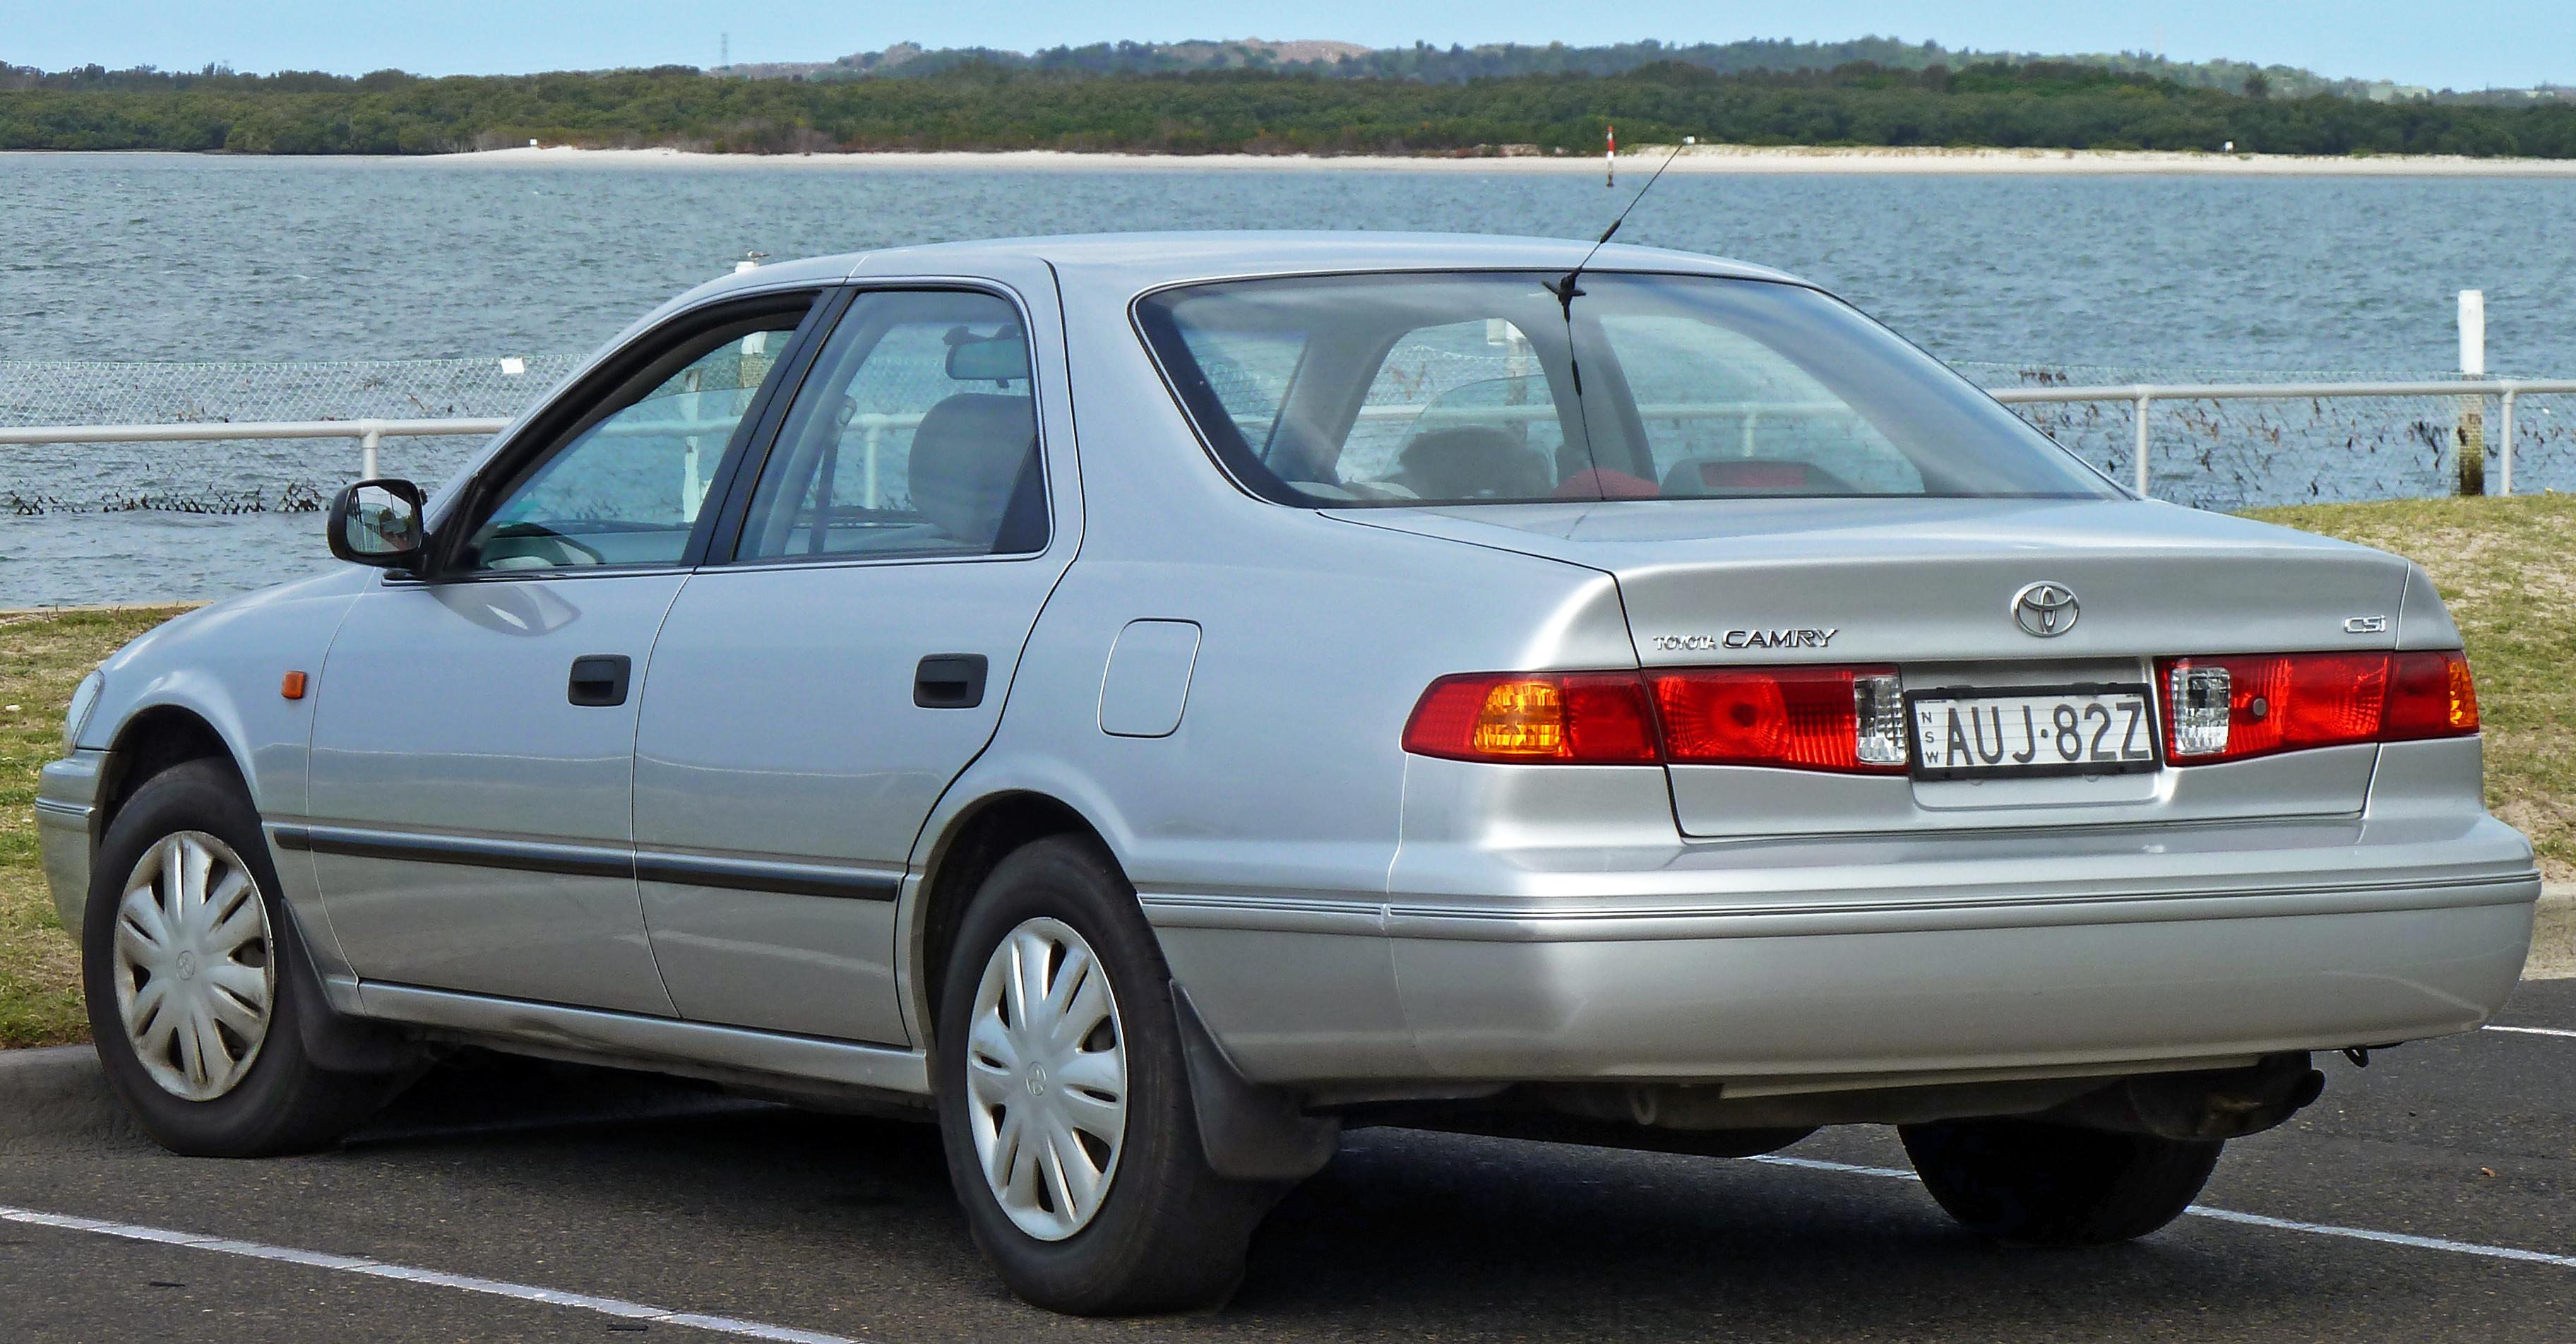 Тойота камри 1998 фото